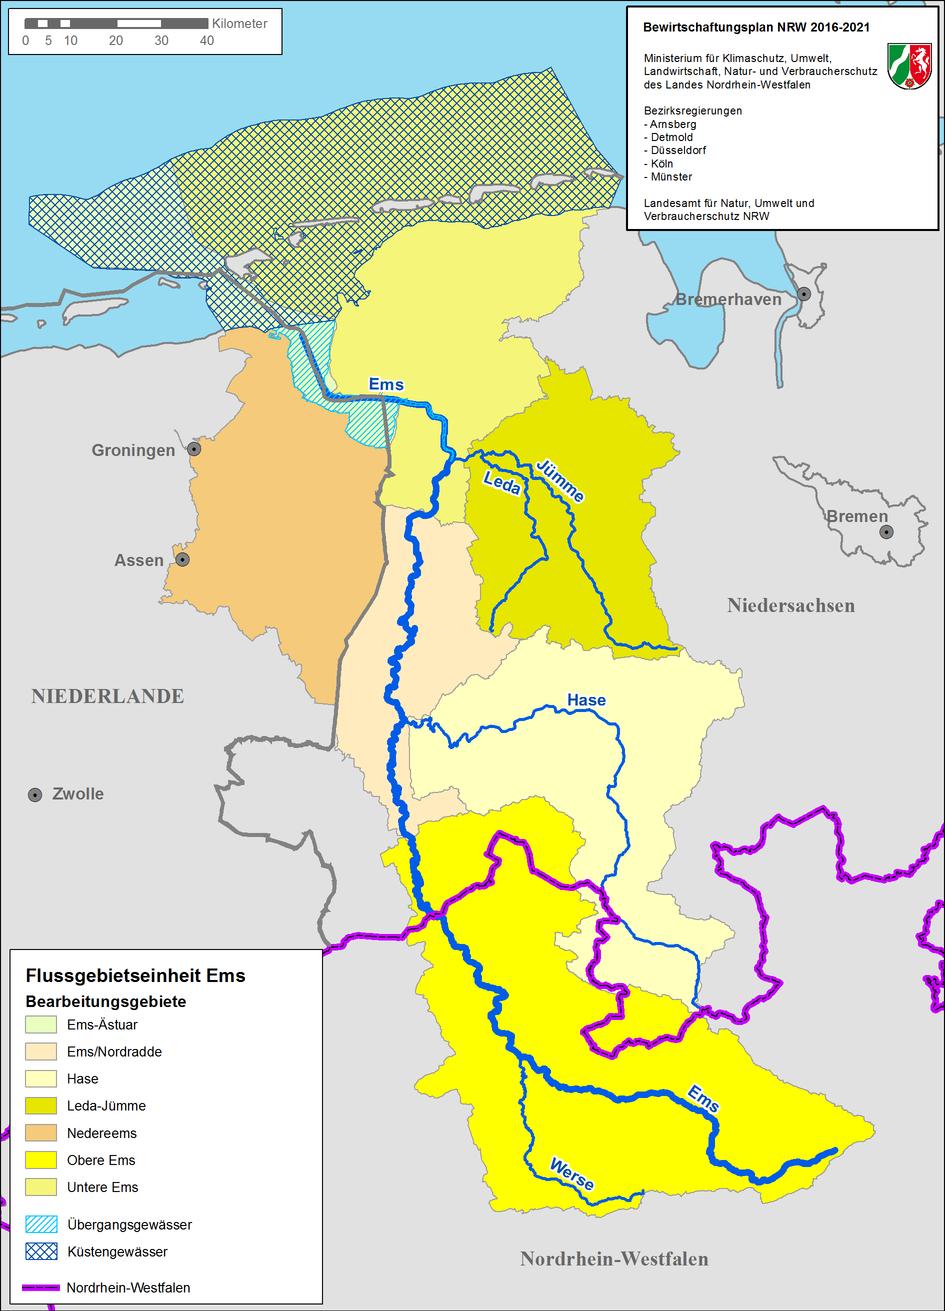 Karte der Flussgebietseinheit Ems